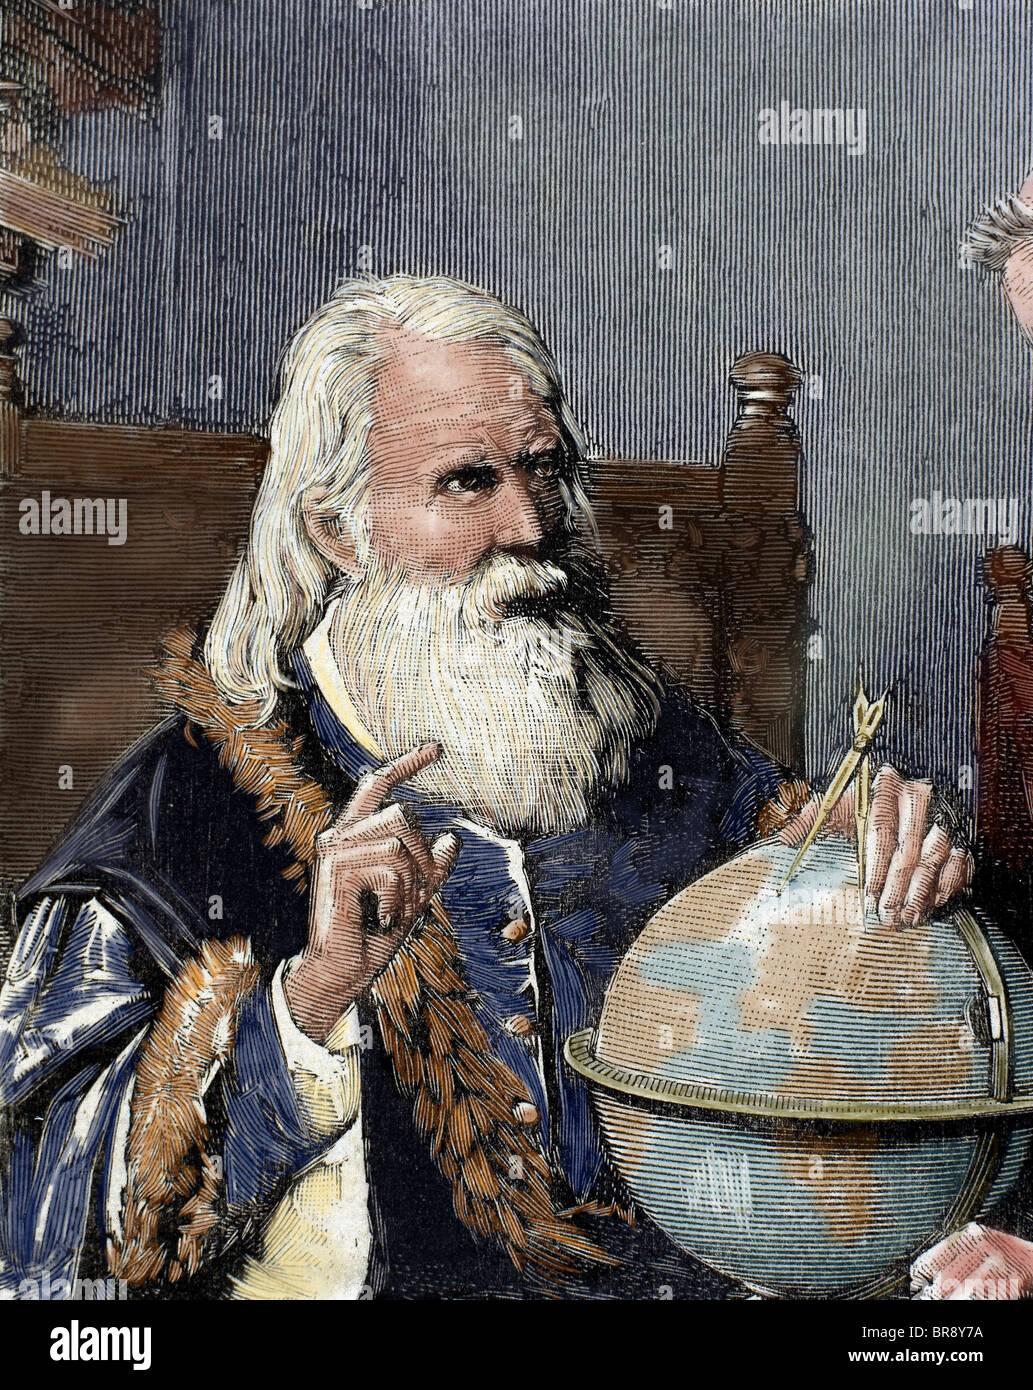 Galileo Galilei (1564-1642). Italienischer Mathematiker, Physiker und Astronom. Galileo zeigt seine astronomische Stockfoto